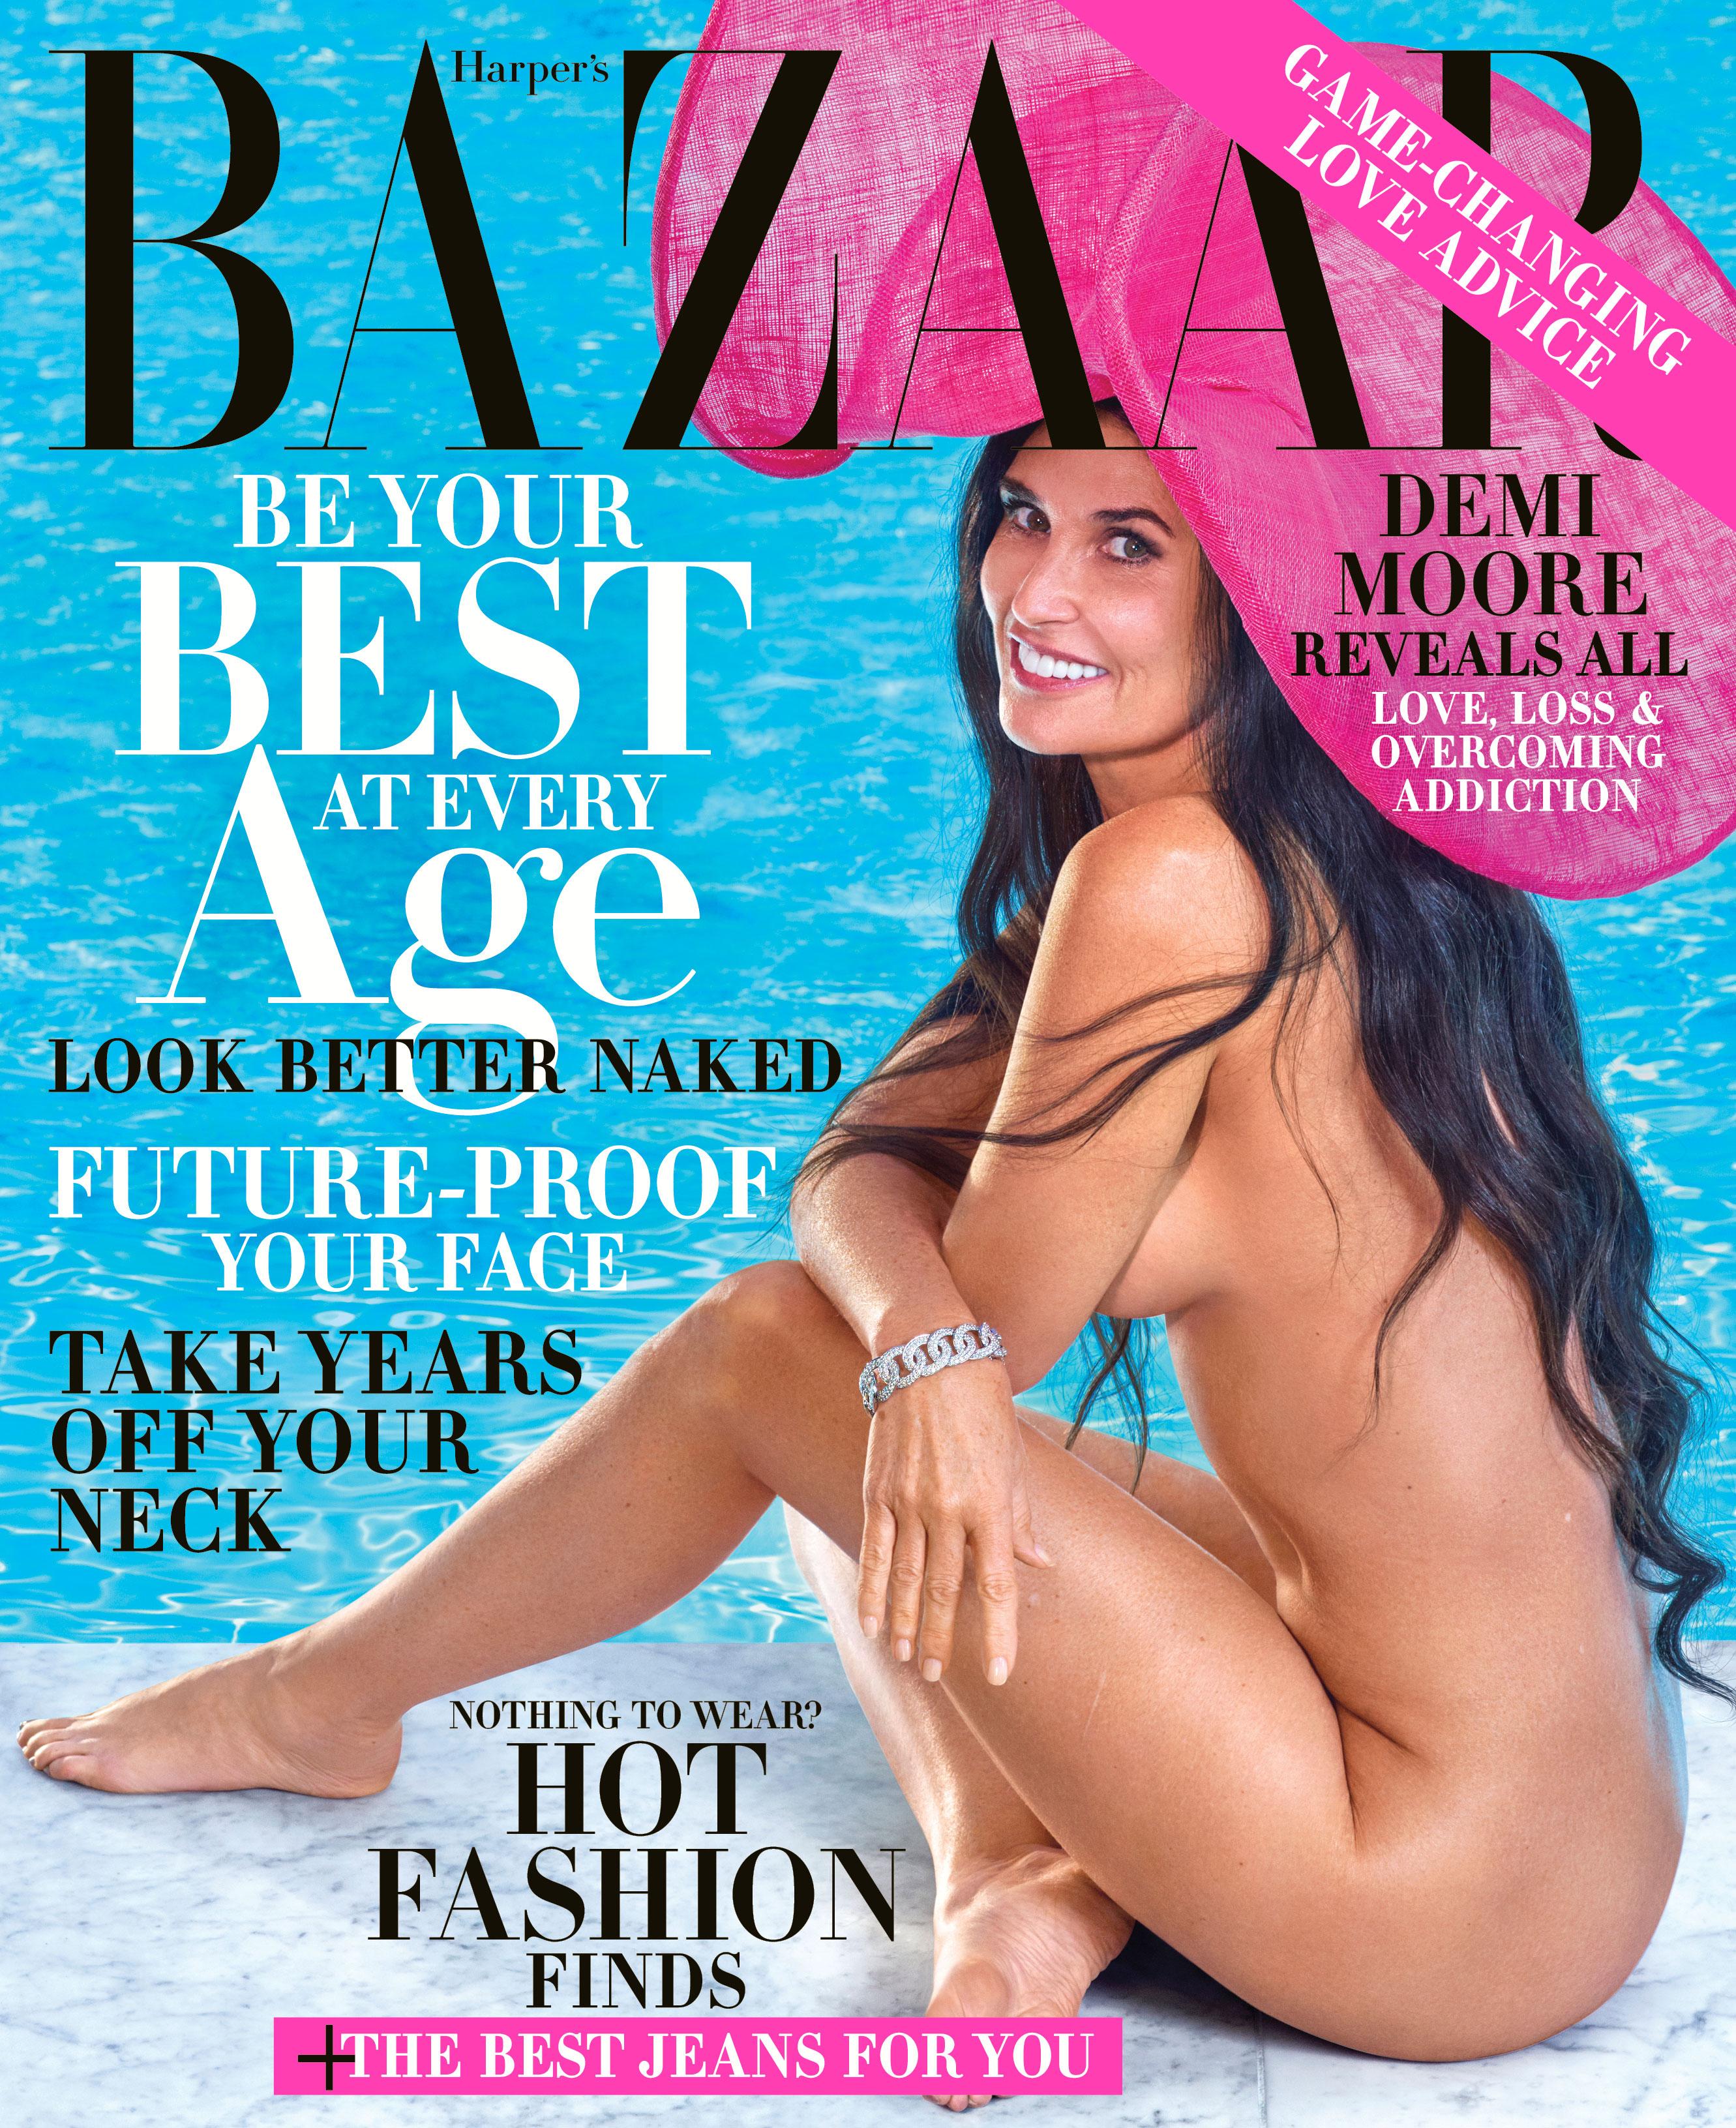 Demi Moore - Harper's Bazaar cover